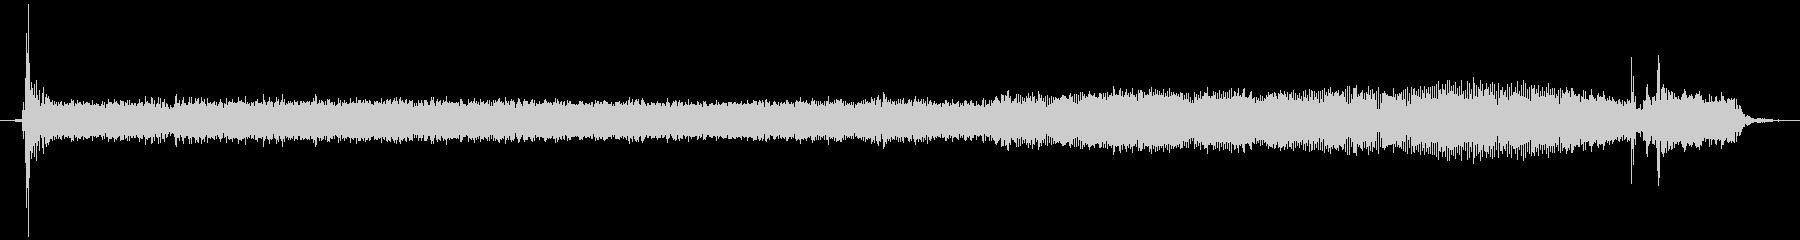 サーマルラベルプリンター:シングル...の未再生の波形